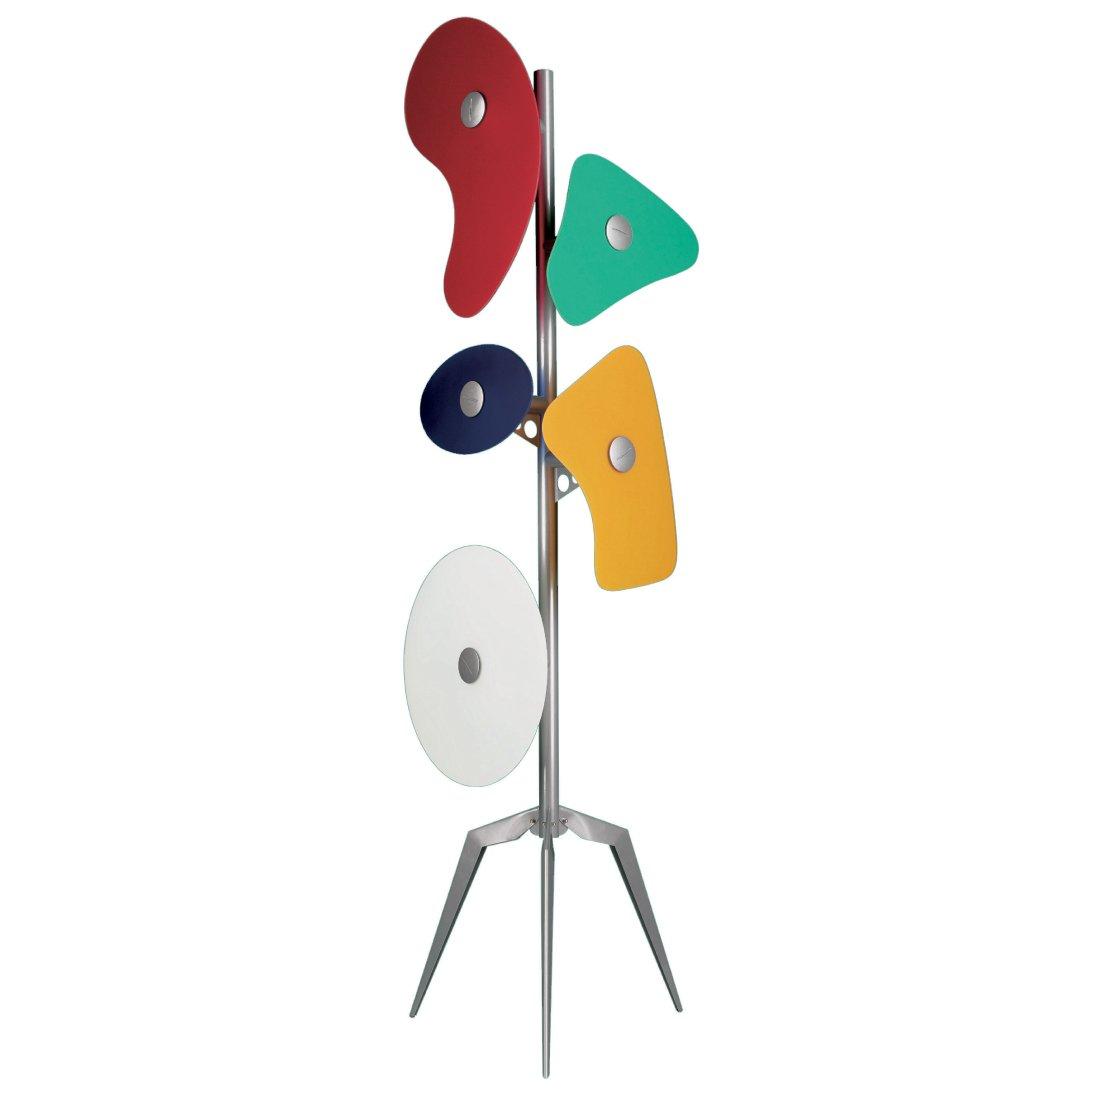 Foscarini Orbital Vloerlamp Multi Color